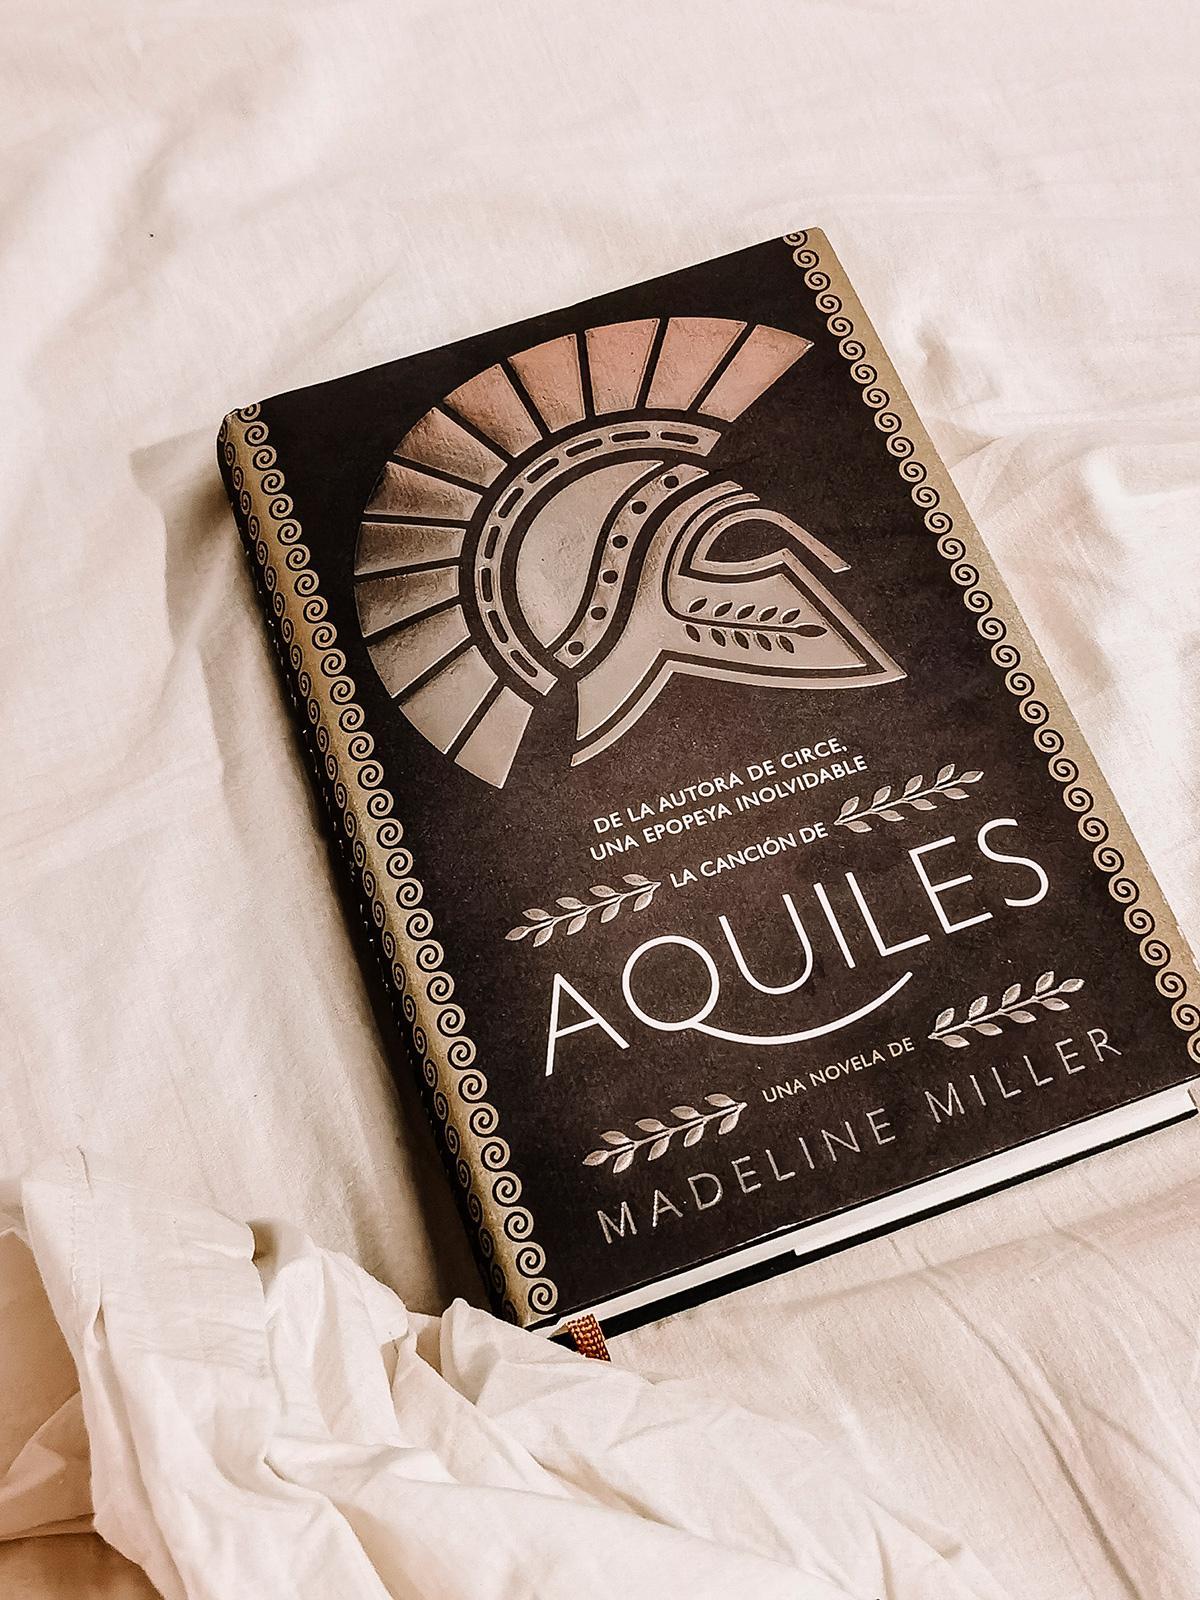 Captura de La canción de Aquiles sobre la cama.